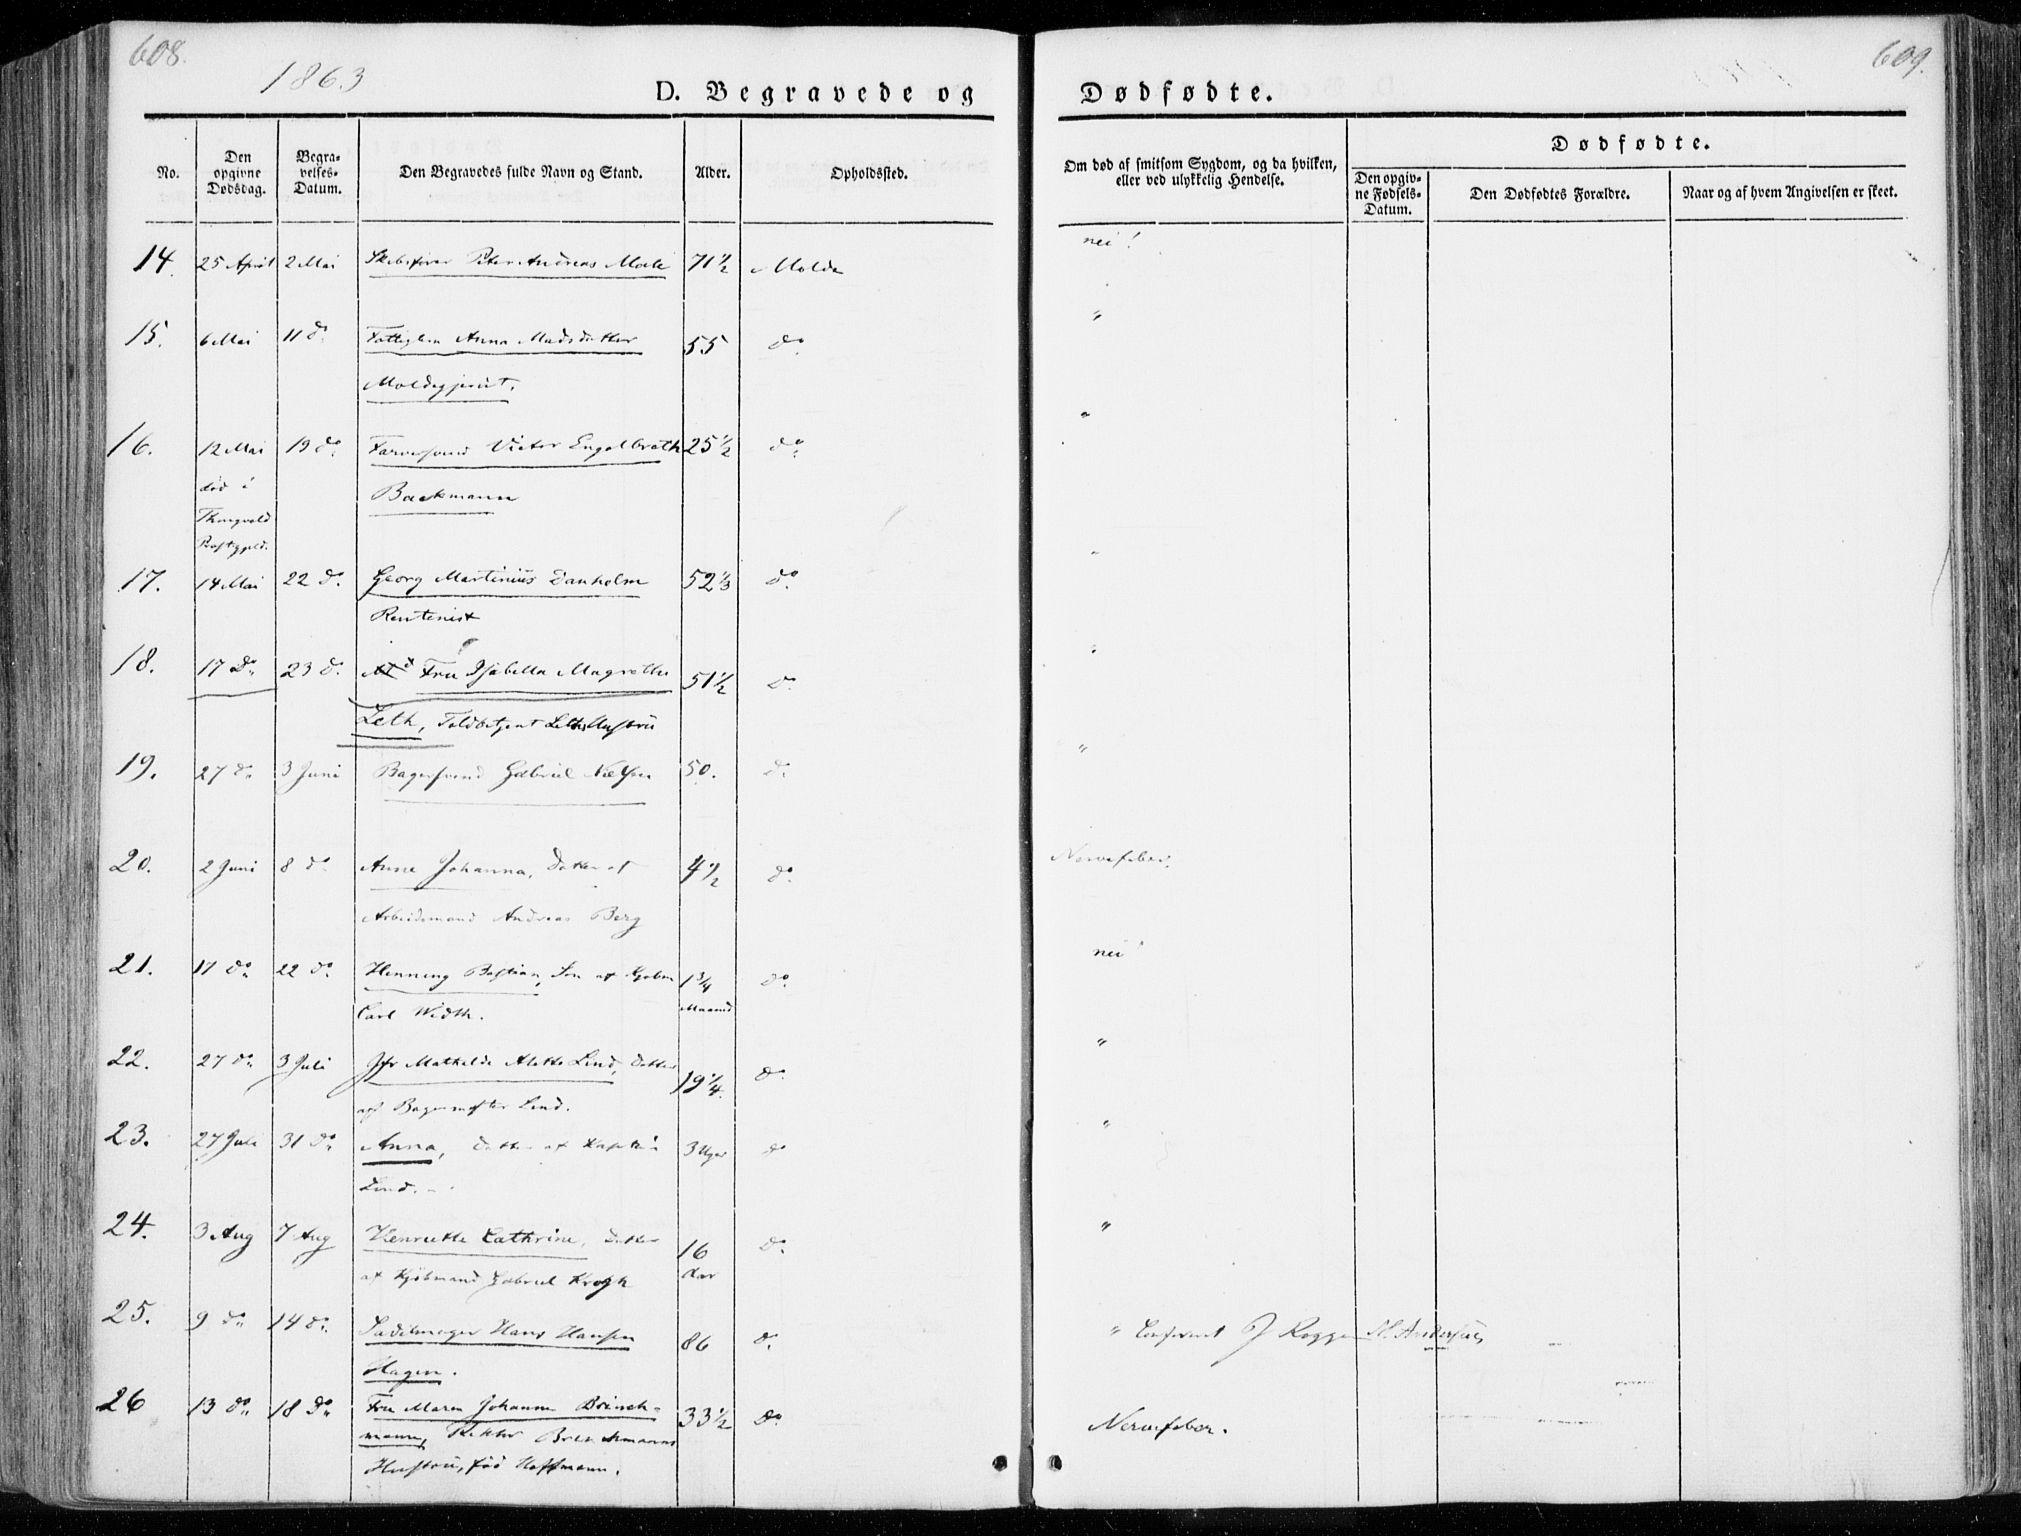 SAT, Ministerialprotokoller, klokkerbøker og fødselsregistre - Møre og Romsdal, 558/L0689: Ministerialbok nr. 558A03, 1843-1872, s. 608-609